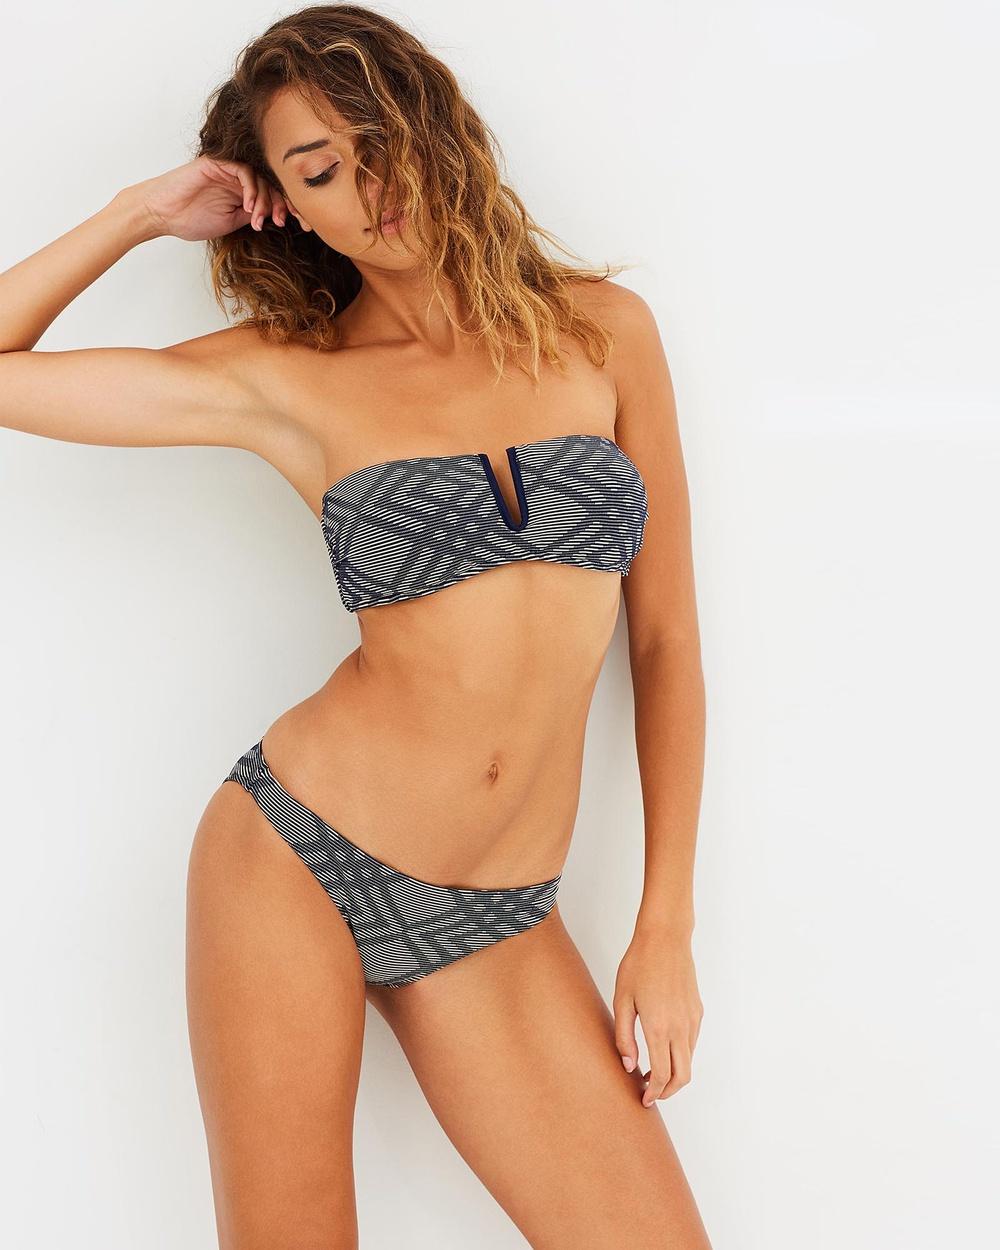 Bondi Born Diamond Bay Regular Bikini Bottoms Bikini Bottoms Navy, Neutrals Diamond Bay Regular Bikini Bottoms